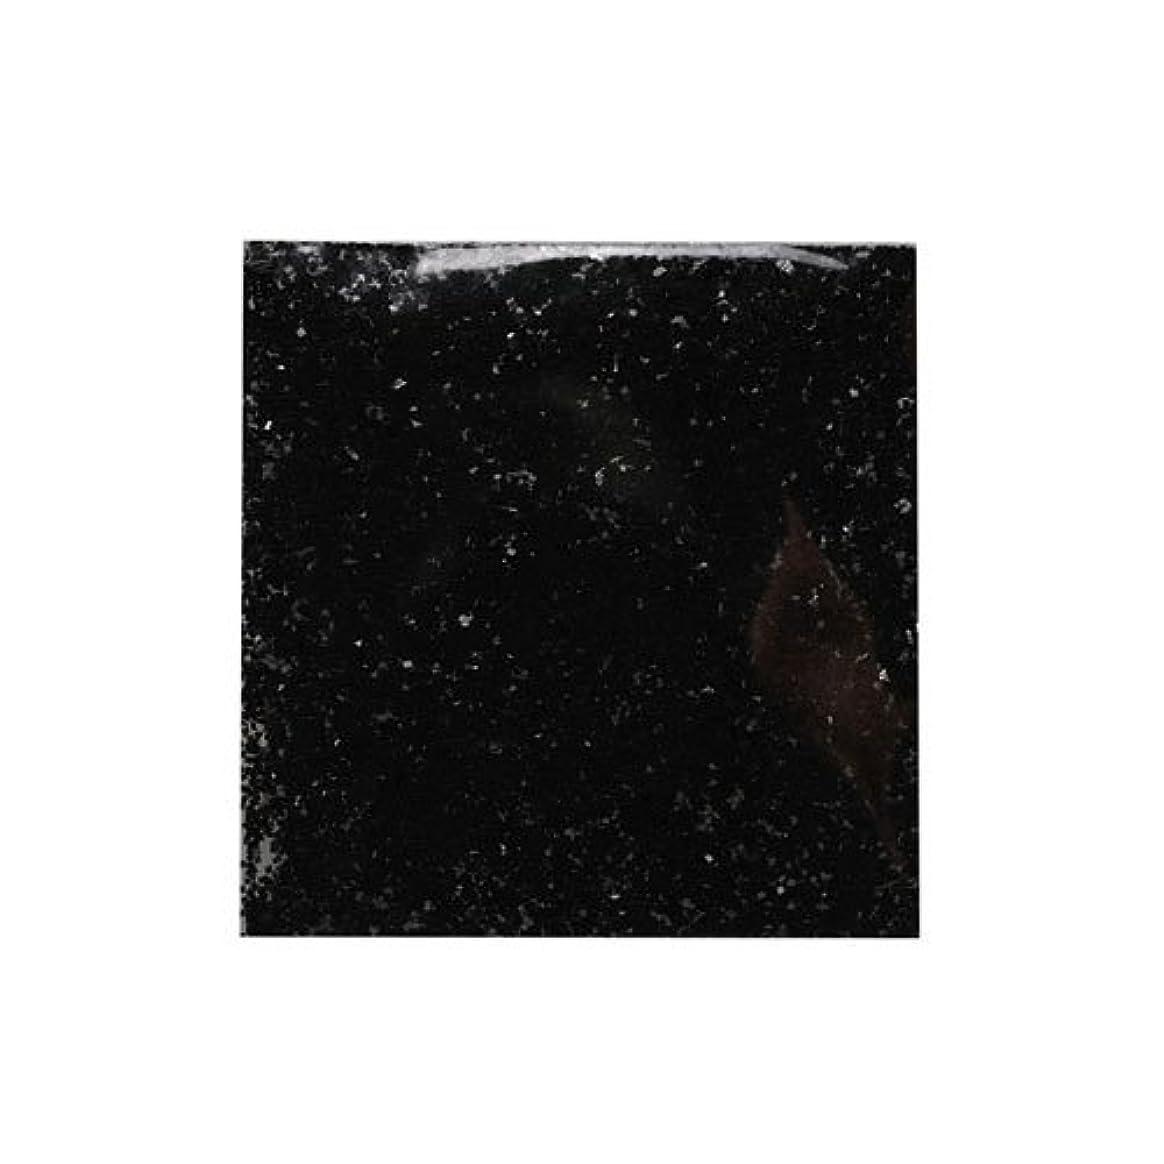 理想的かごガジュマルピカエース ネイル用パウダー ラメメタリック M #537 ブラック 2g アート材